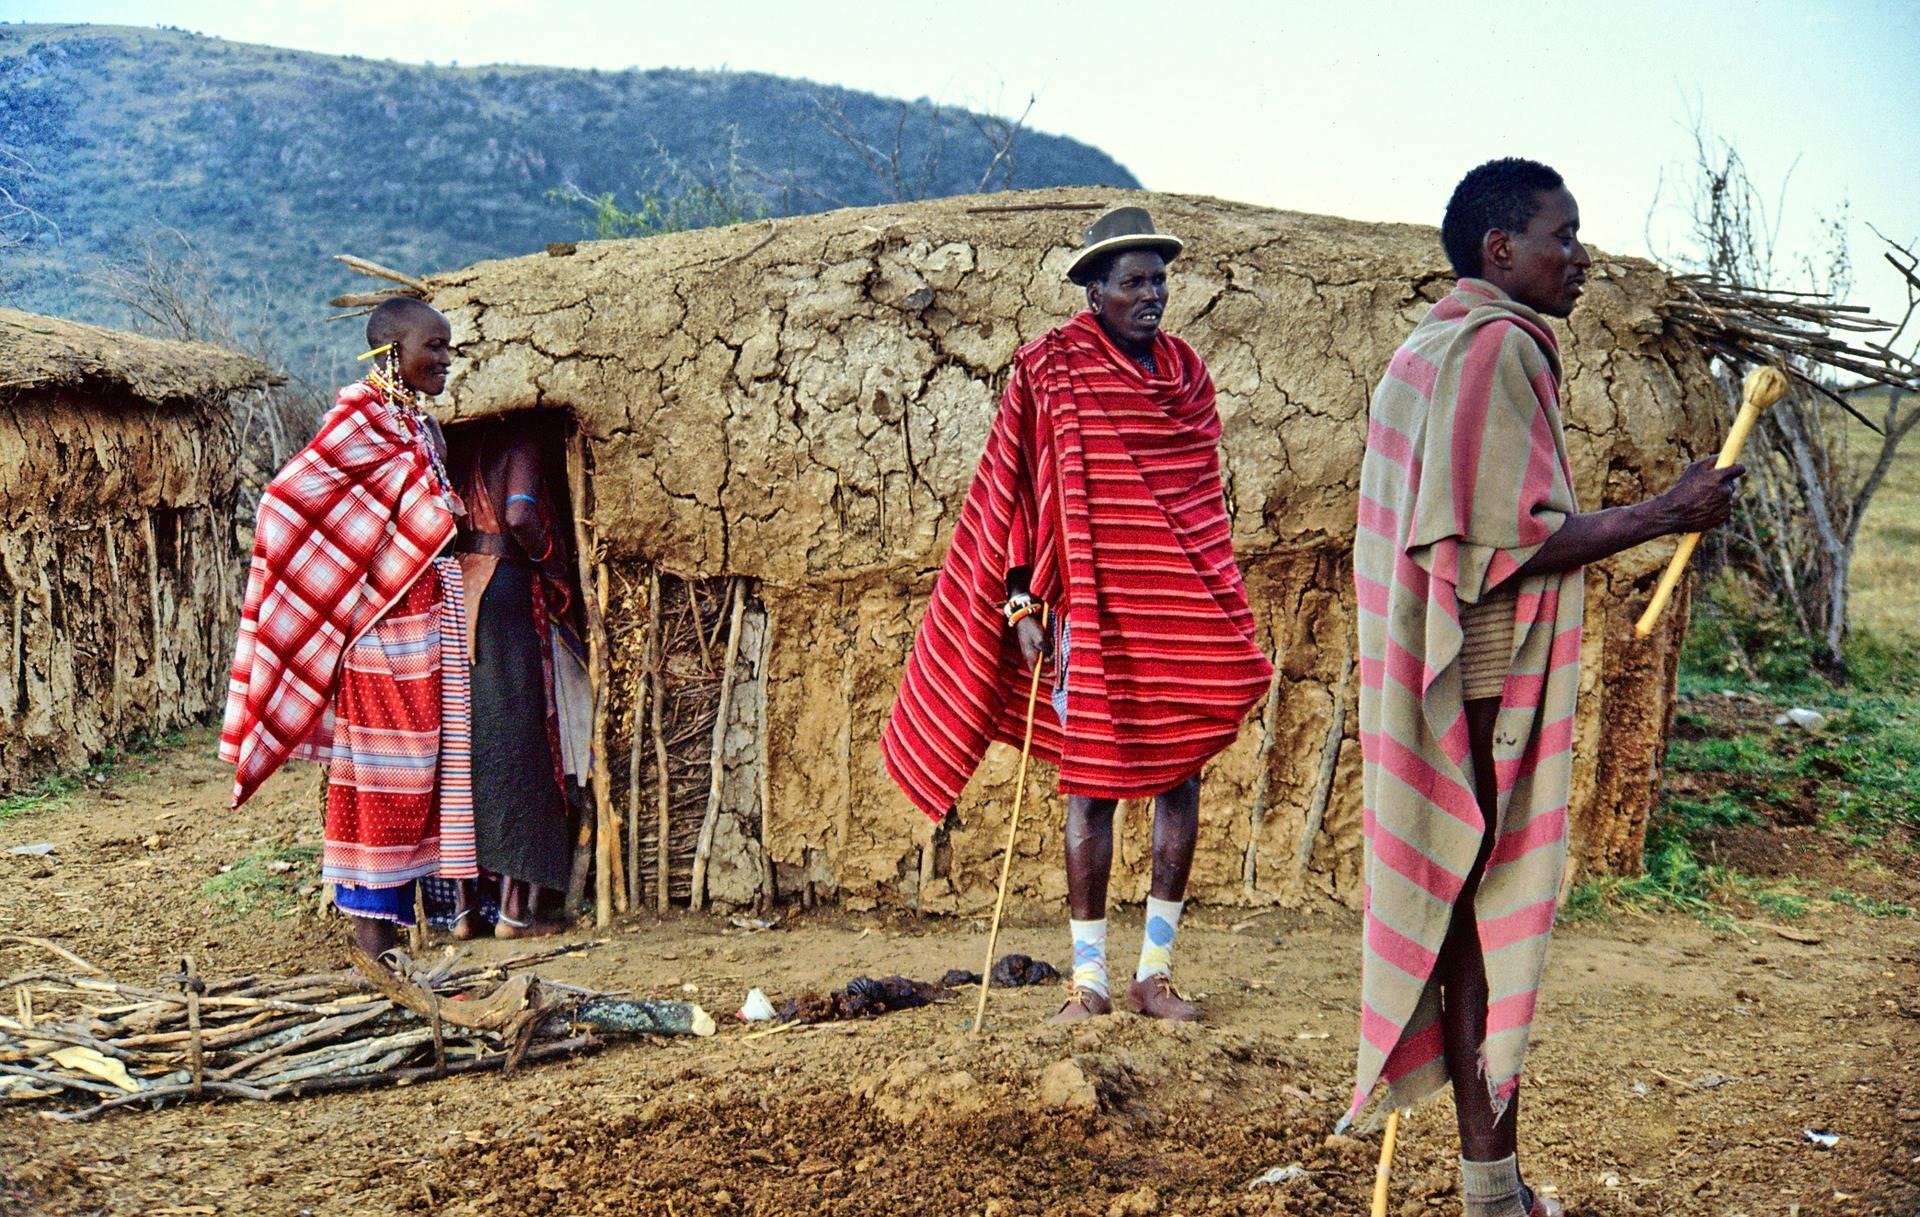 masai mara, in Kenya